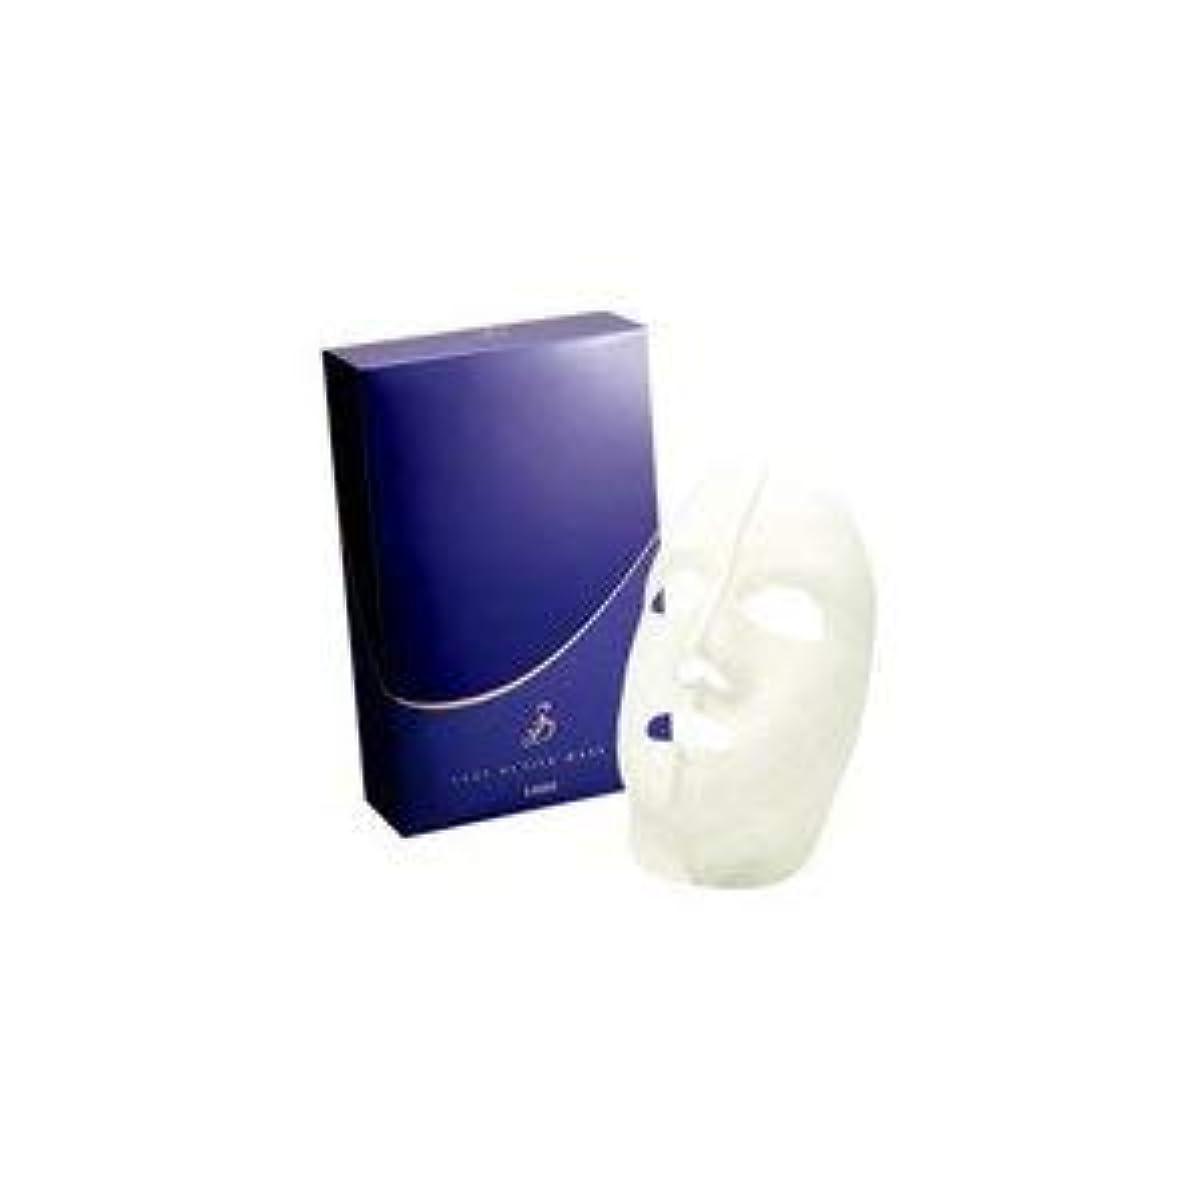 公平圧縮最後のダイアナ ディアナージュ 3D ファストアクティブマスク Ⅱ 30ml×6枚入り Diana